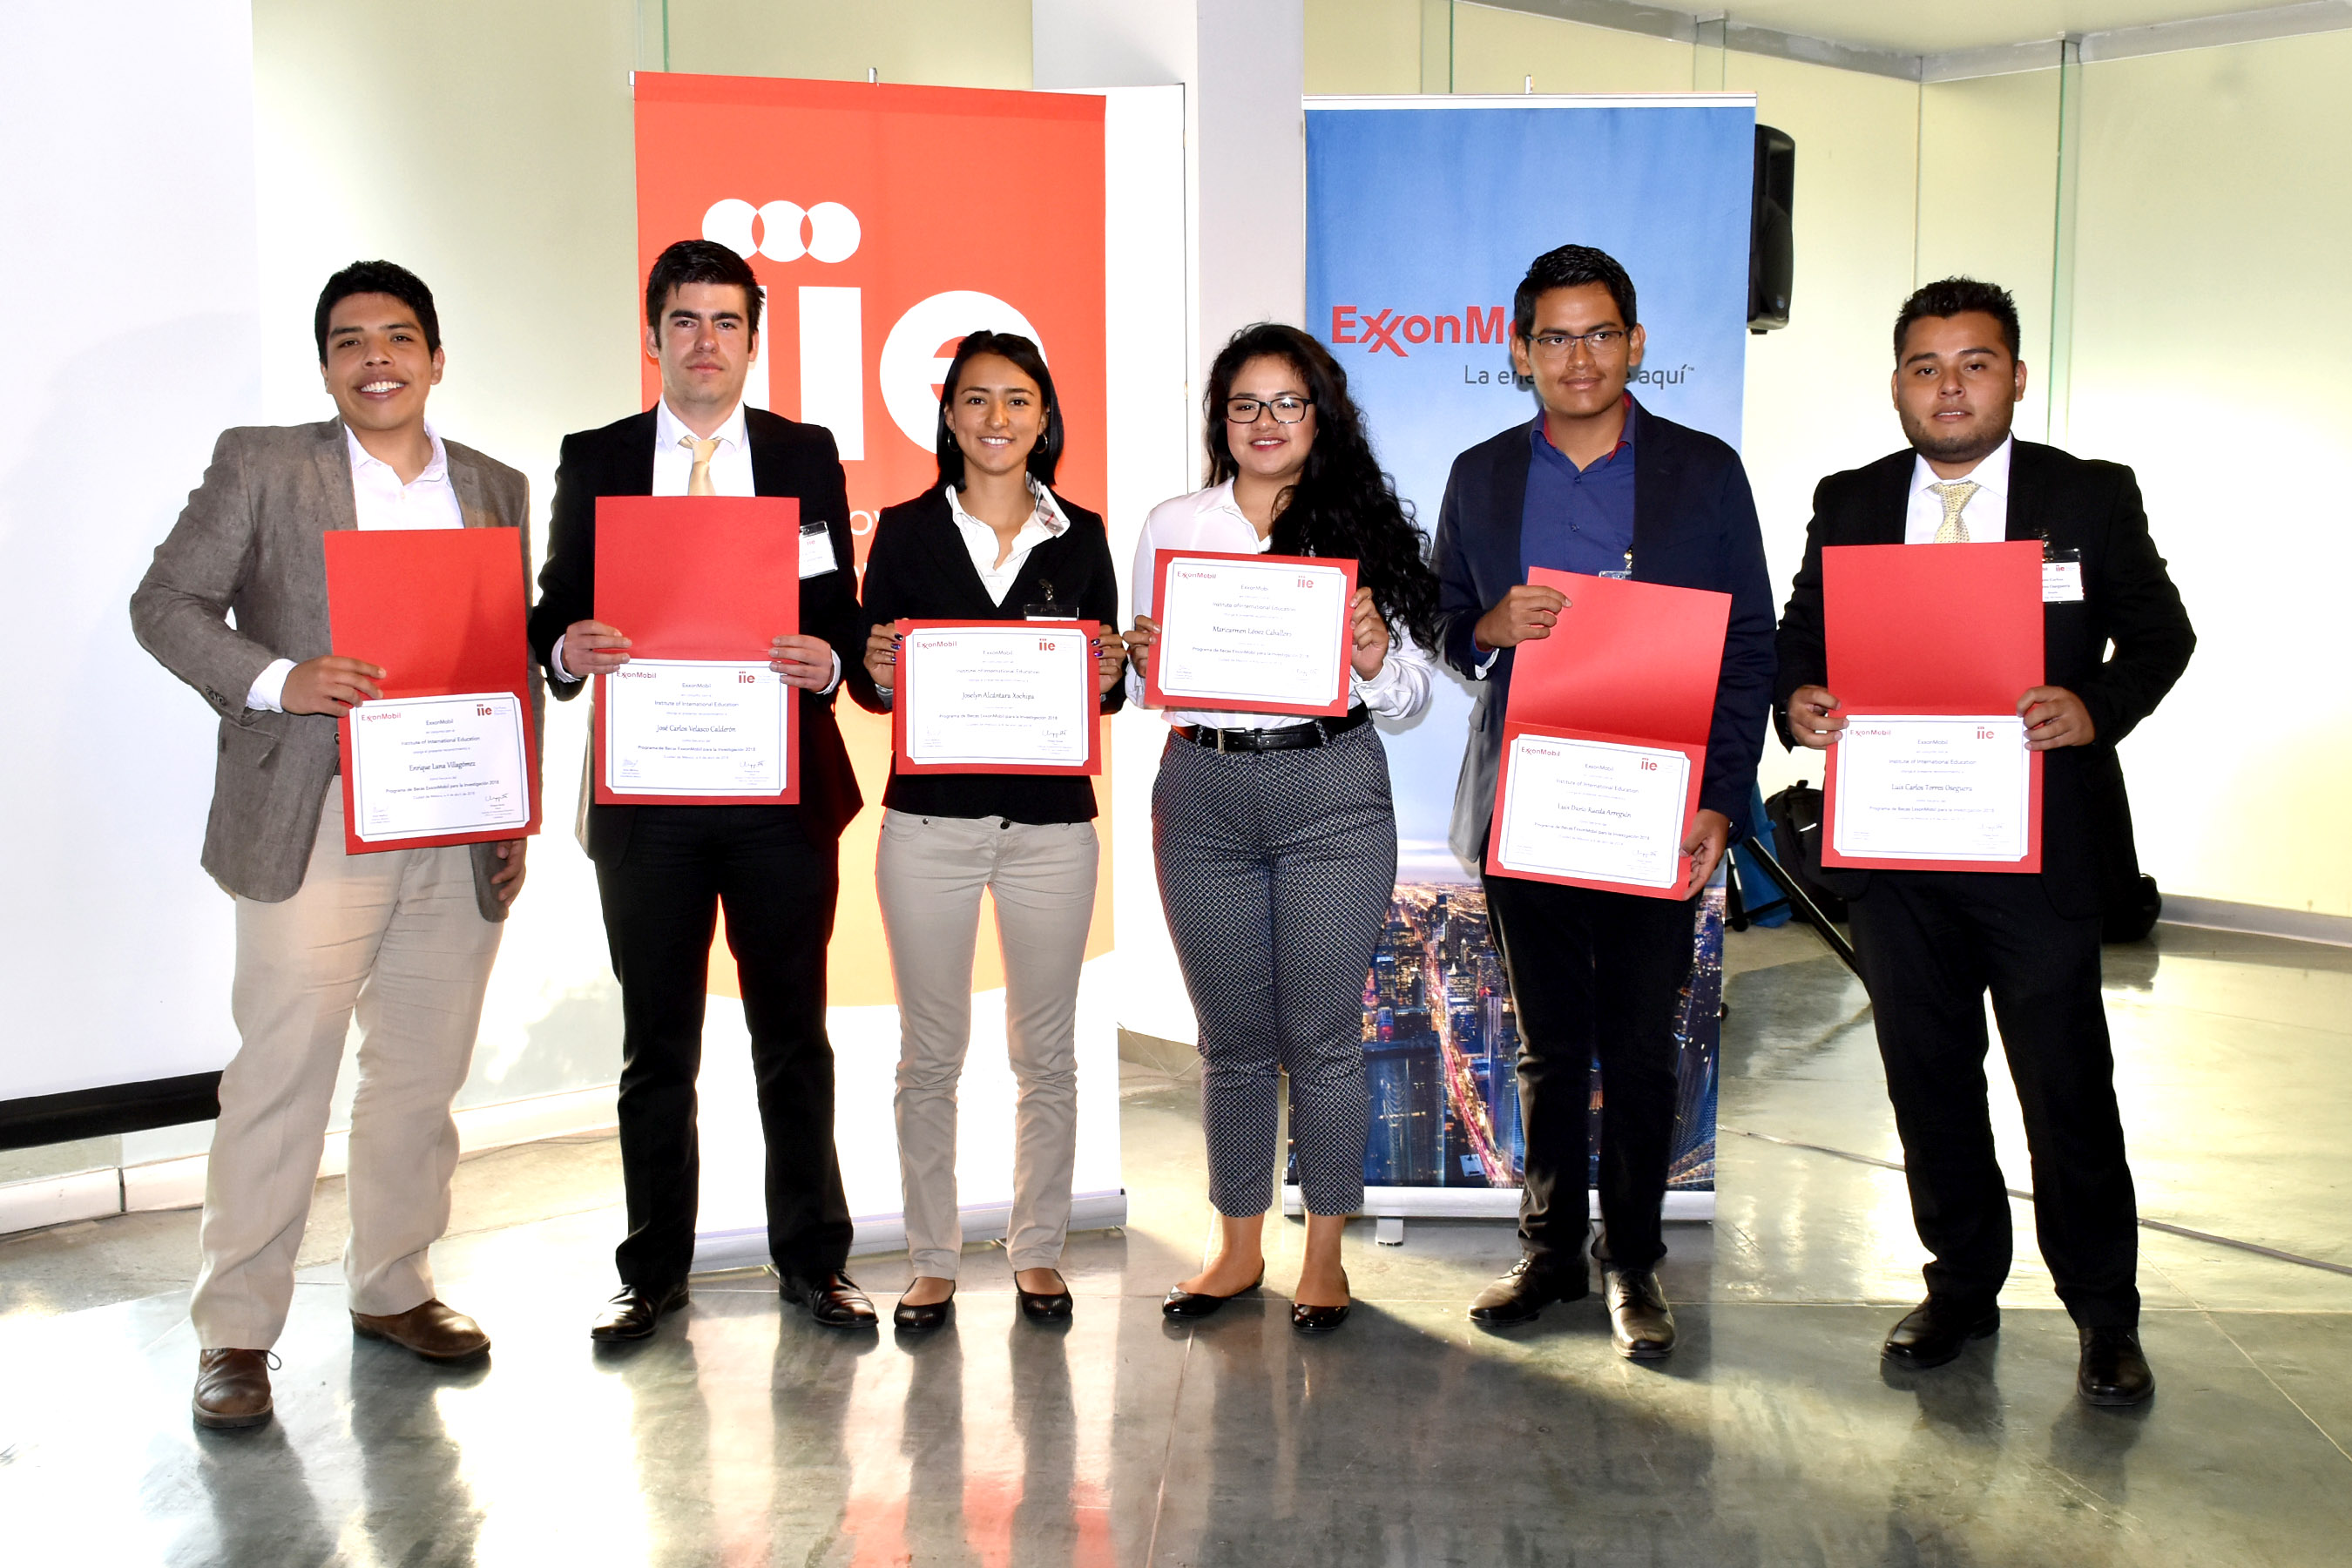 ExxonMobil capacitará a 6 estudiantes de la UNAM en Texas